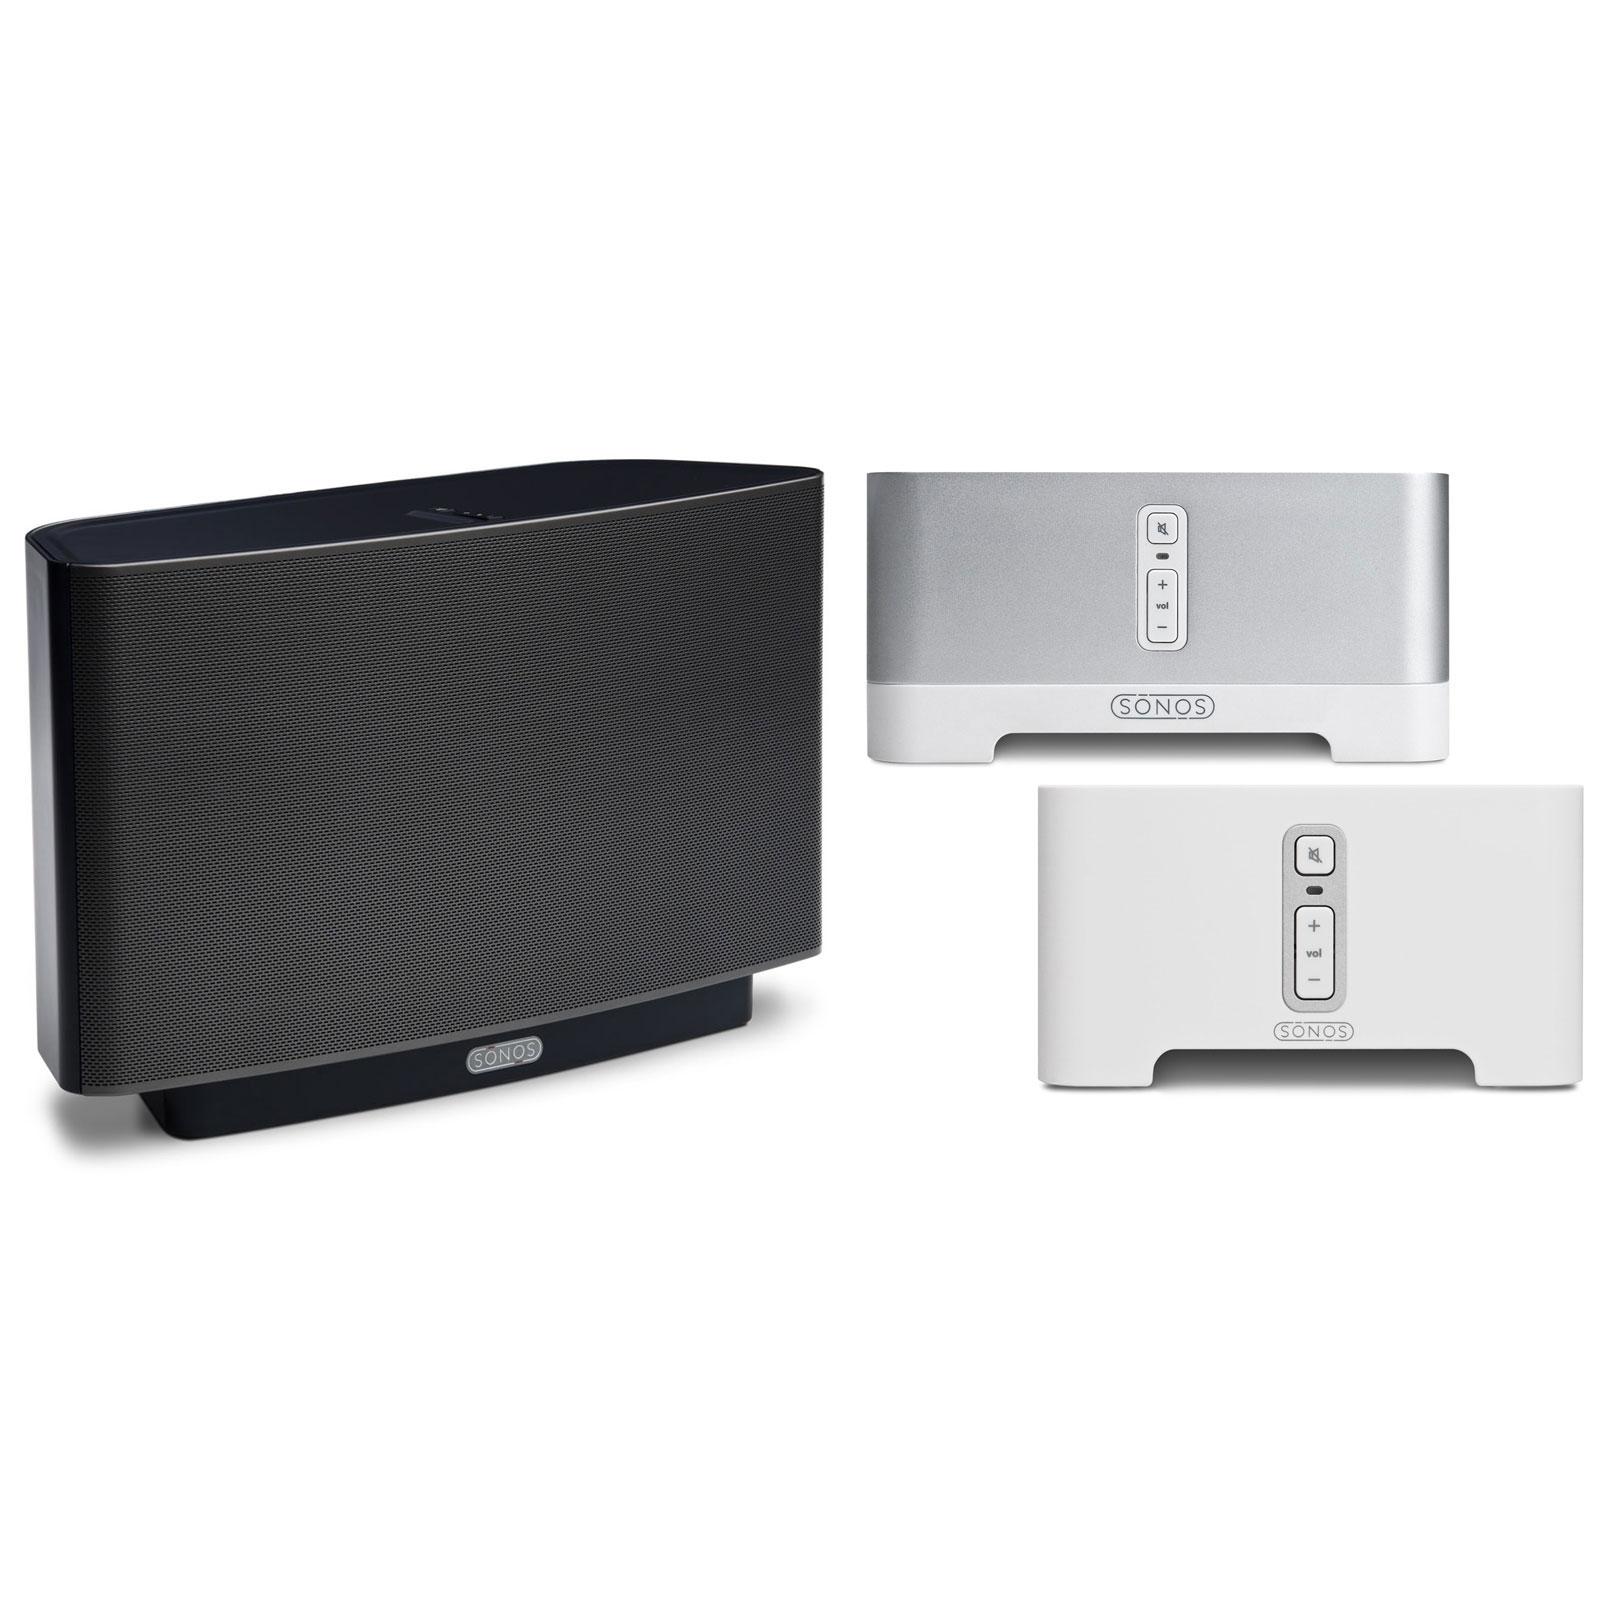 Serveur audio Sonos CONNECT AMP + CONNECT + PLAY 5 NOIR Solutions pour diffusion audio sans fil